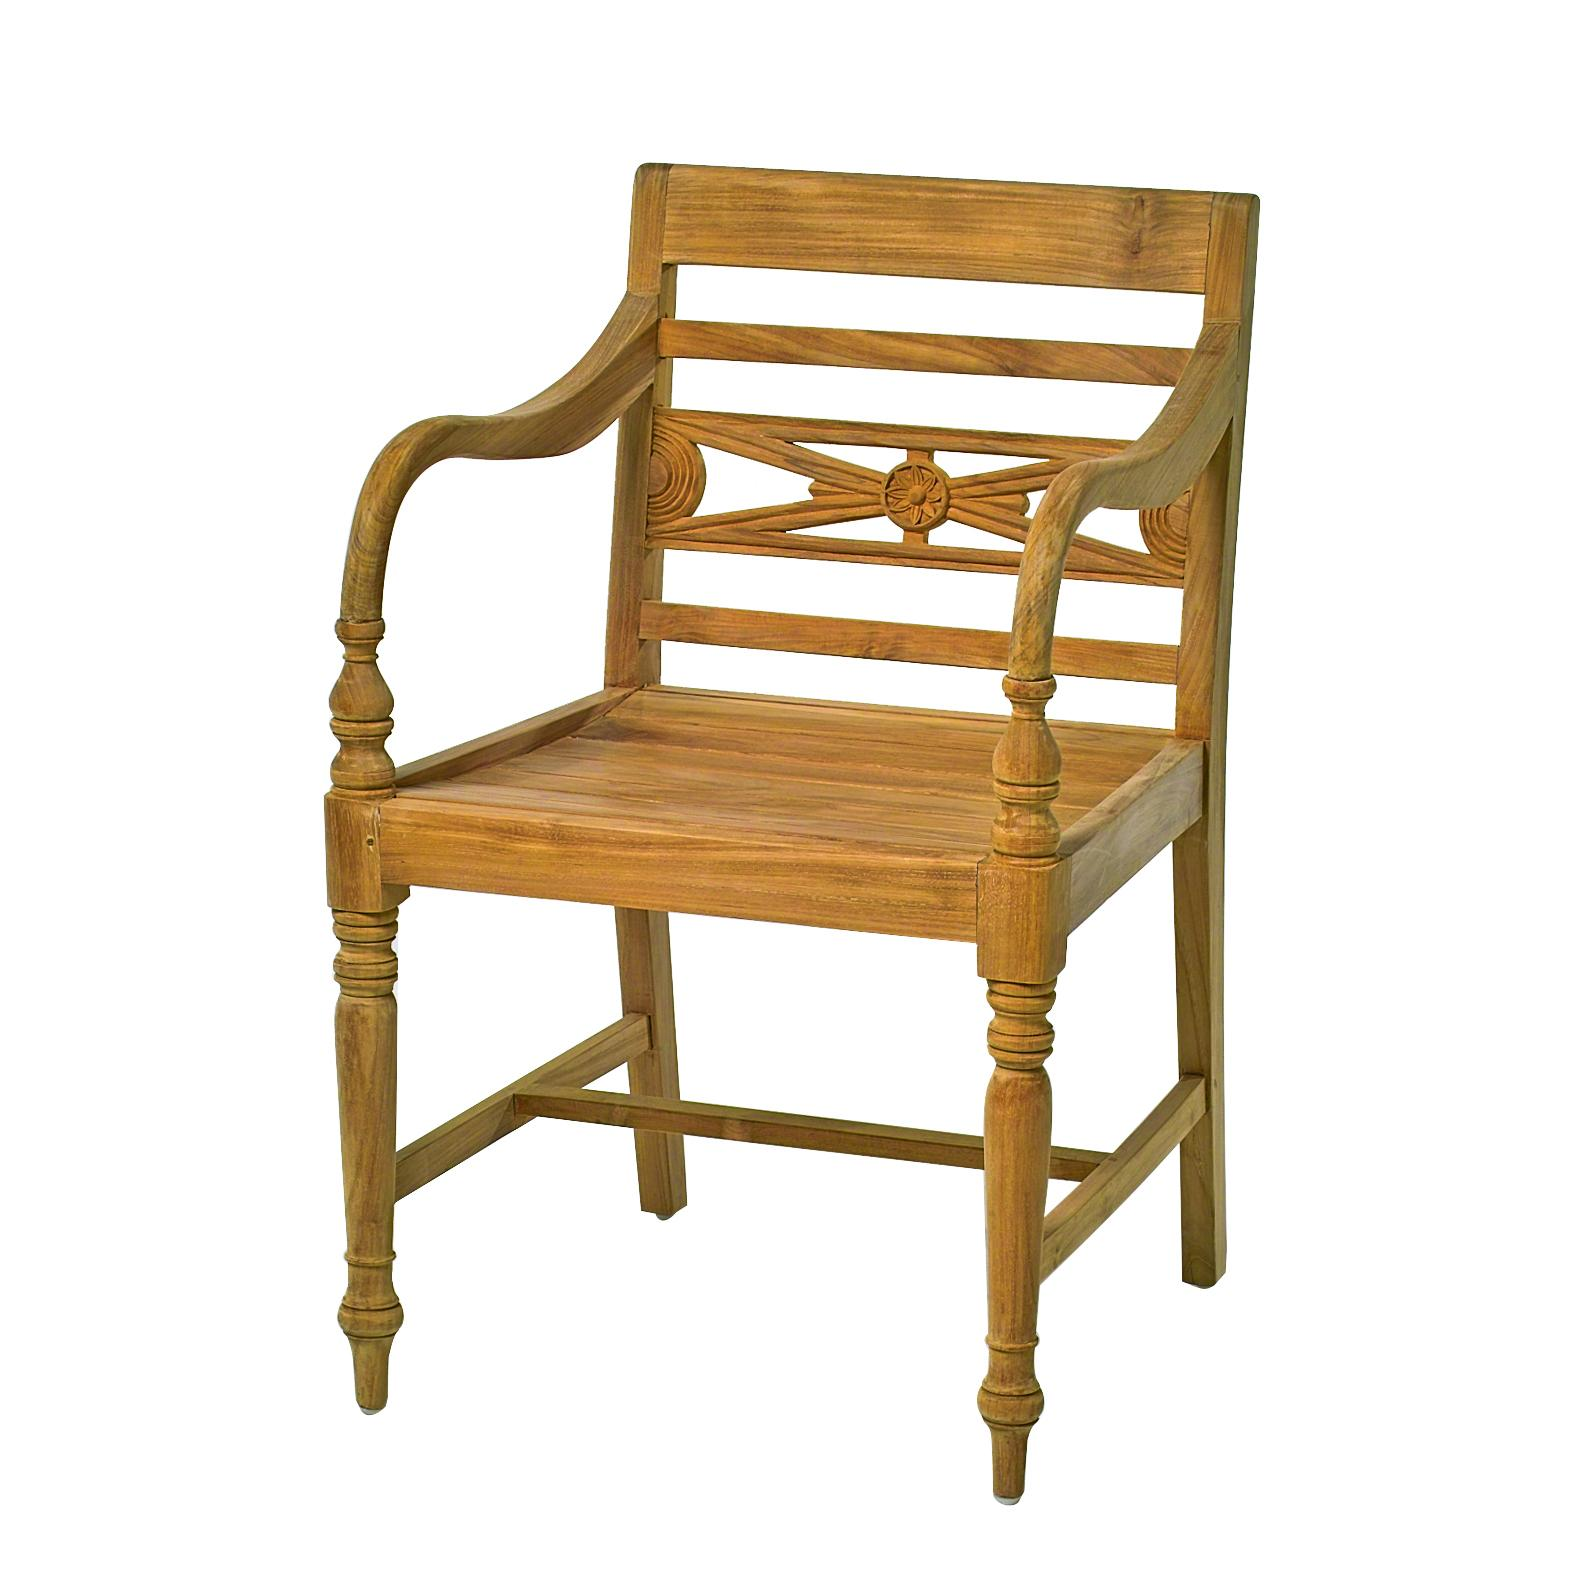 Teakholzmöbel küche  Teakholz Möbel | KIEPPE